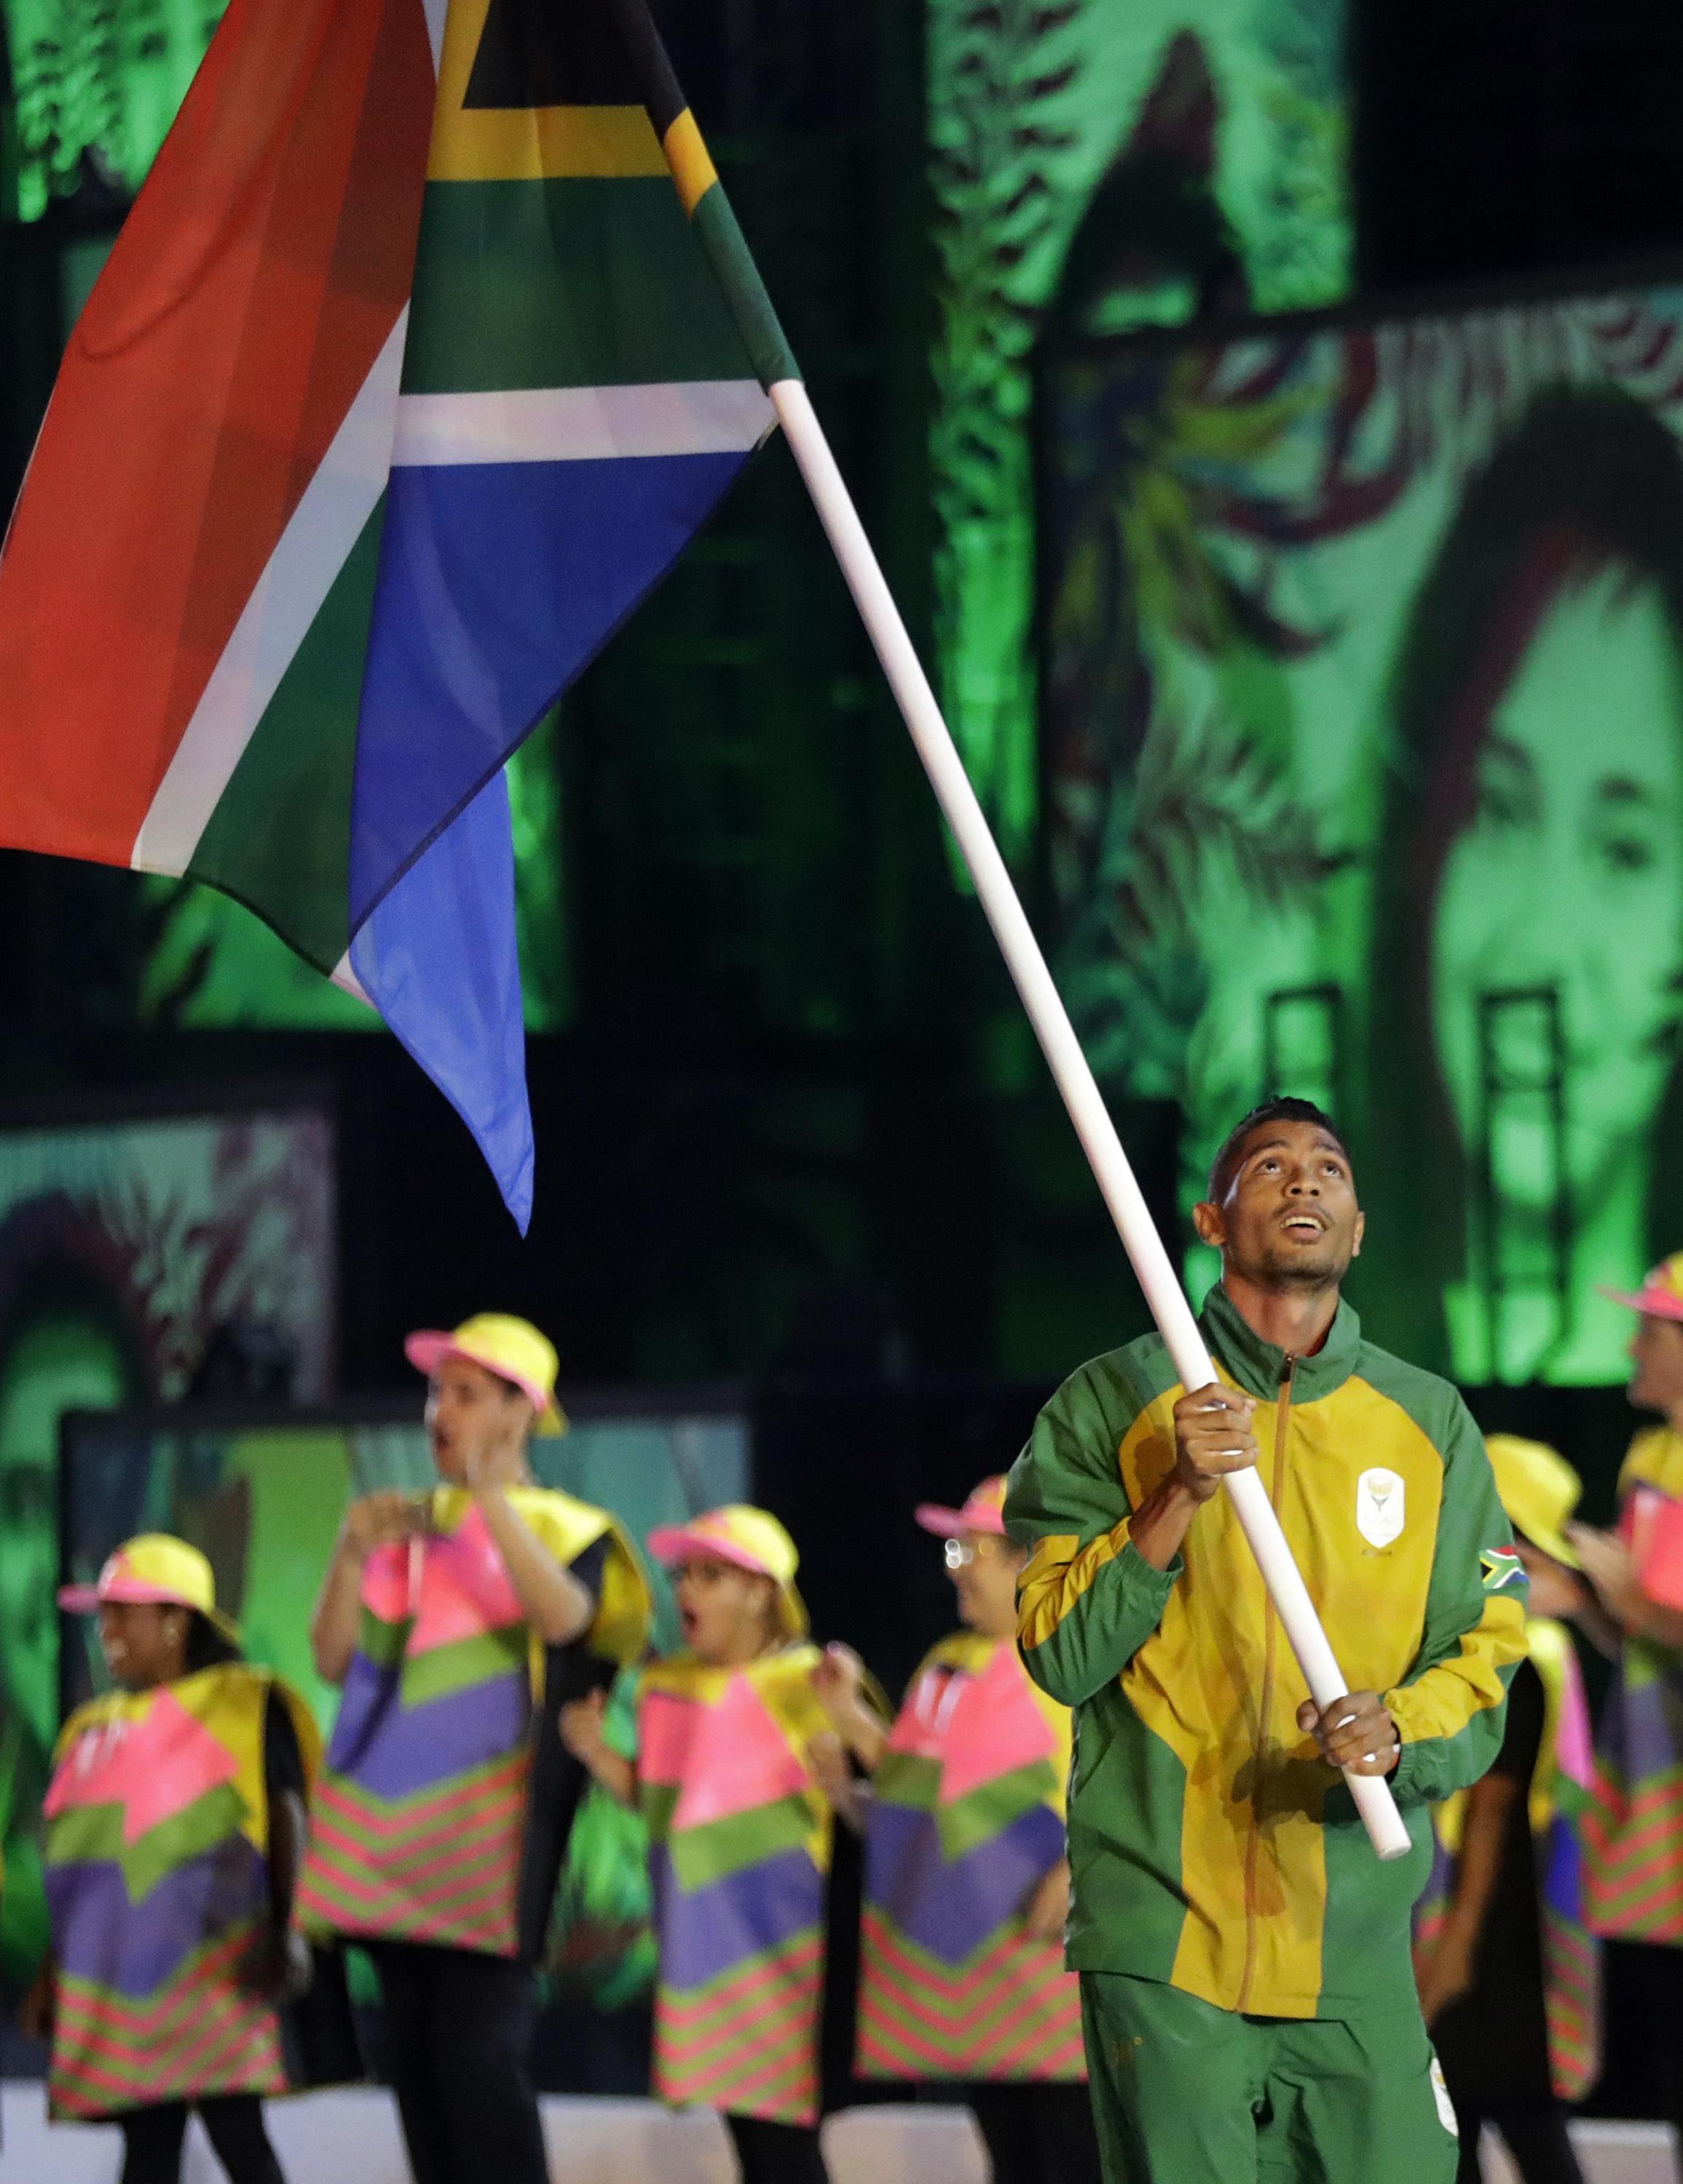 南非短跑小將范尼凱克擔任國家隊掌旗官。(美聯社)